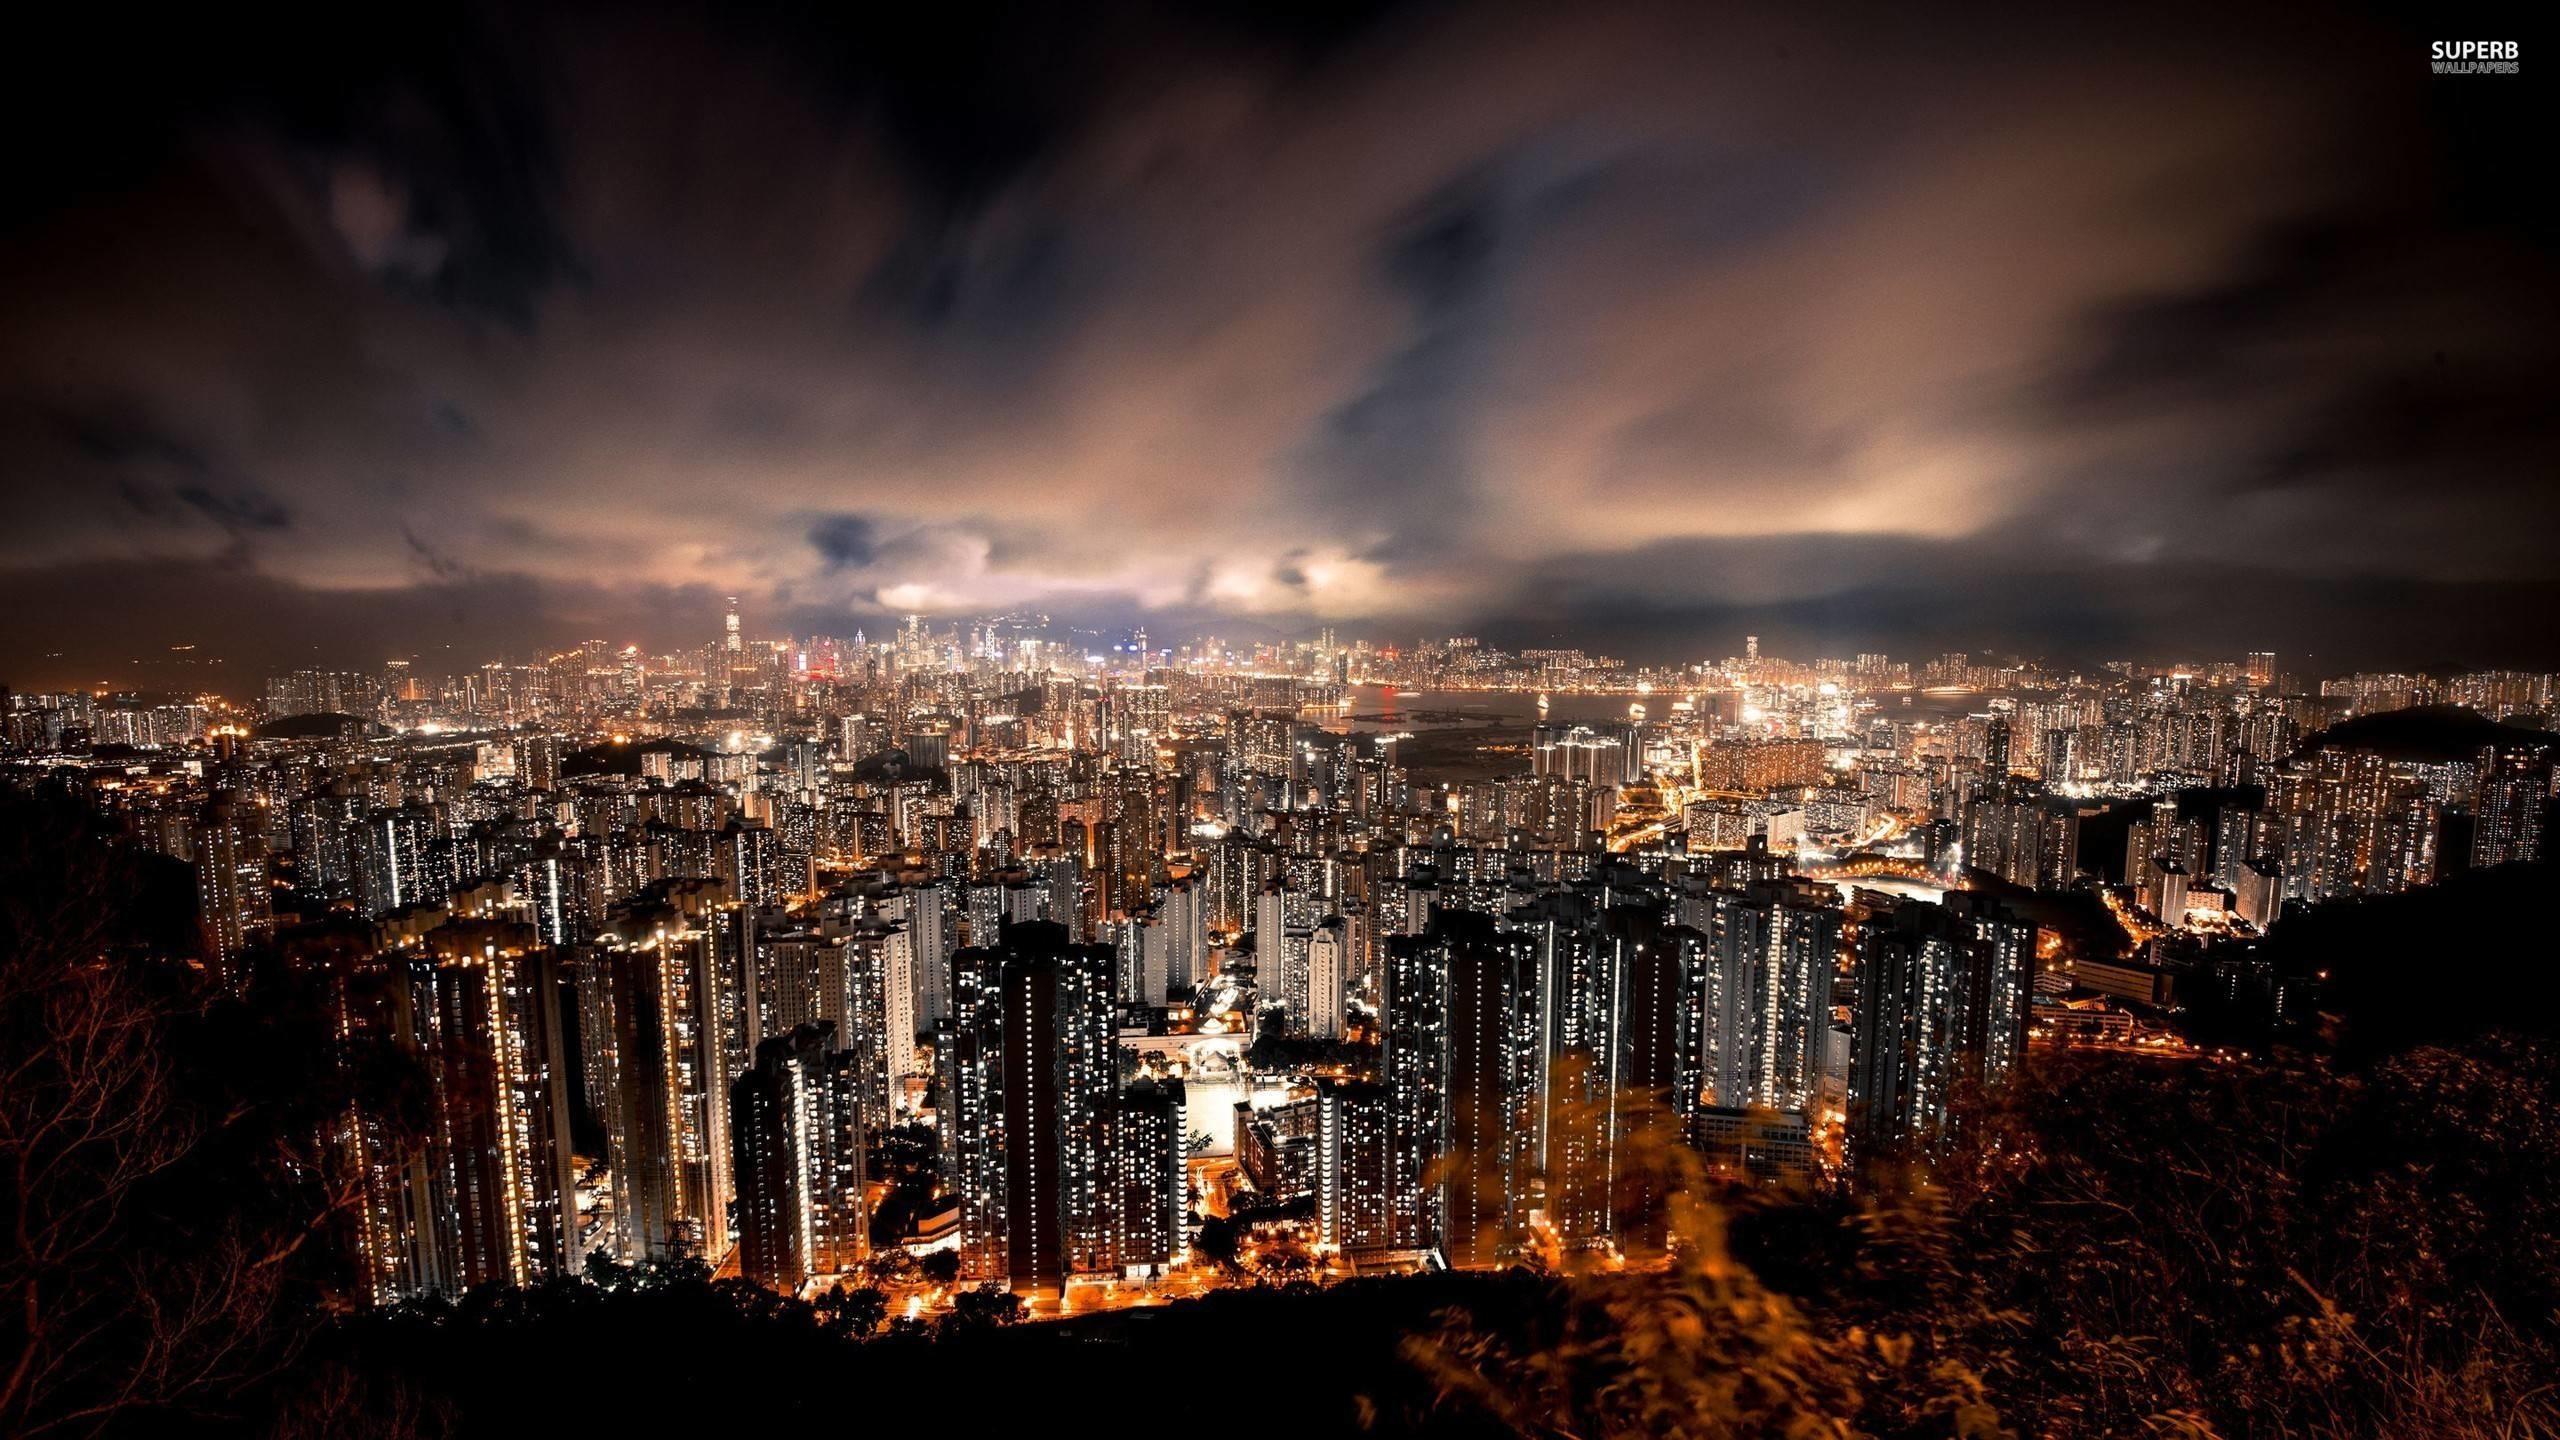 Hong Kong at night wallpaper – World wallpapers – #